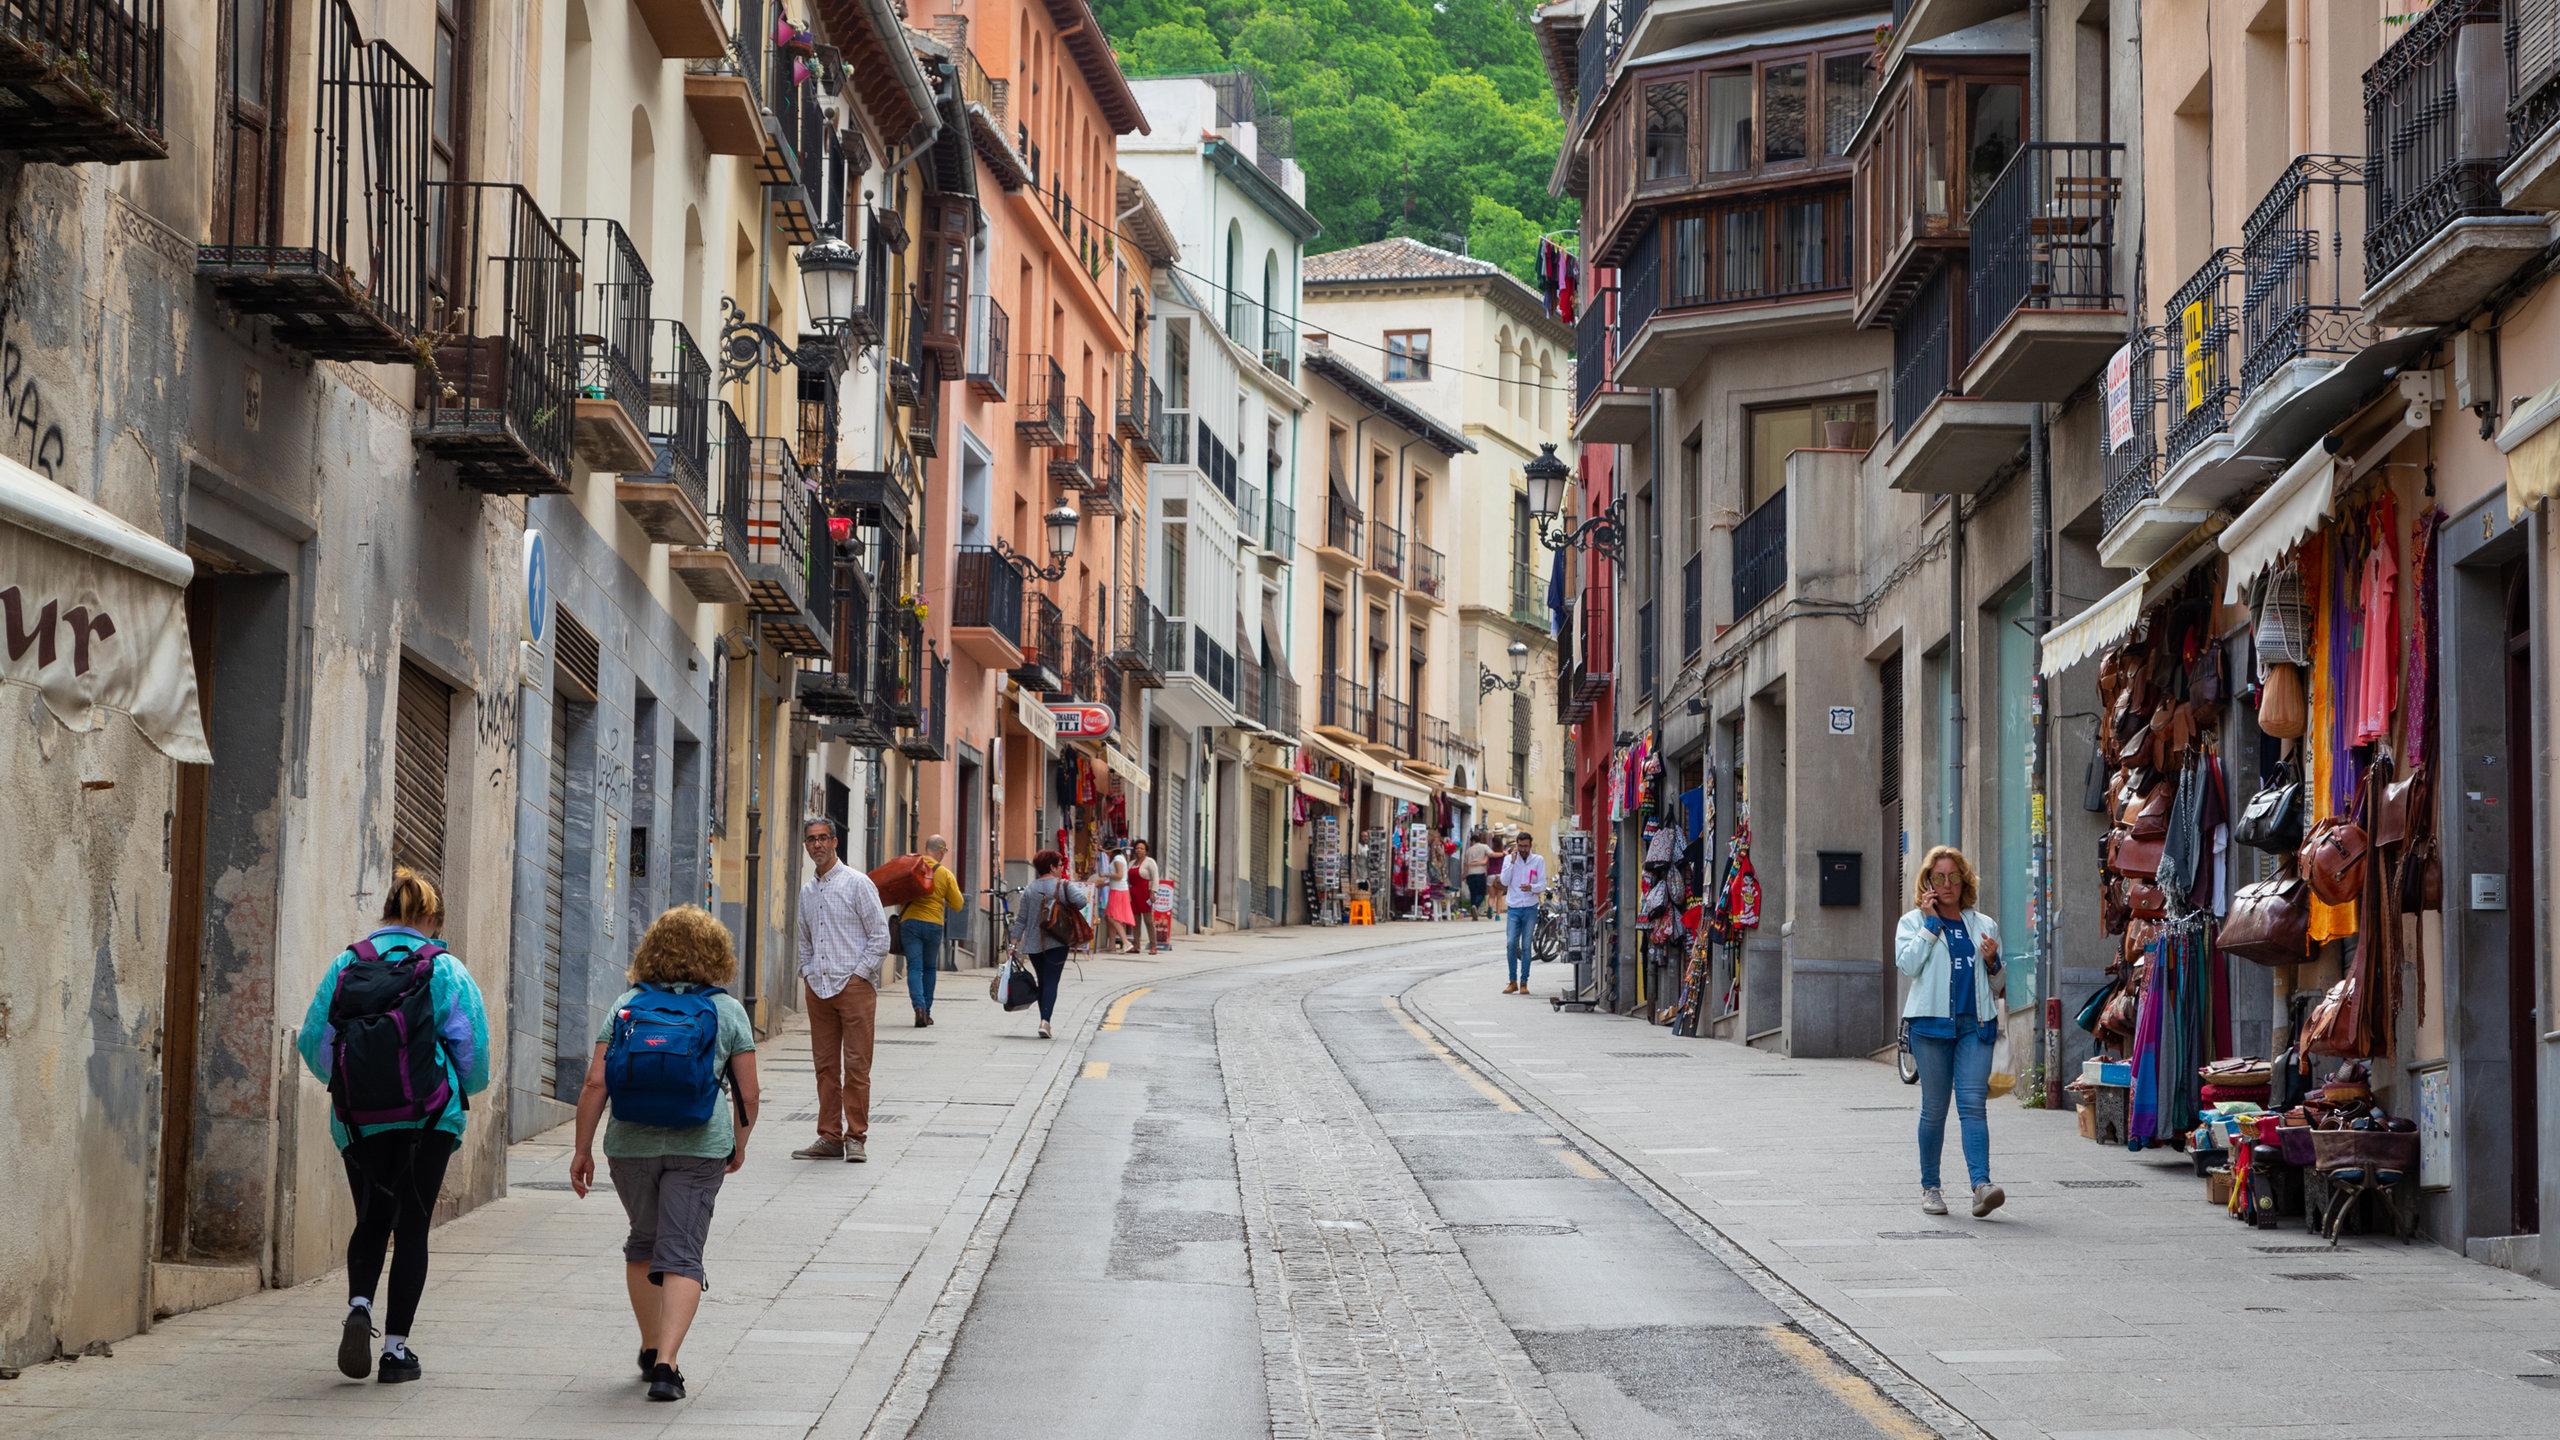 Realejo-San Matias, Granada, Andalusia, Spain